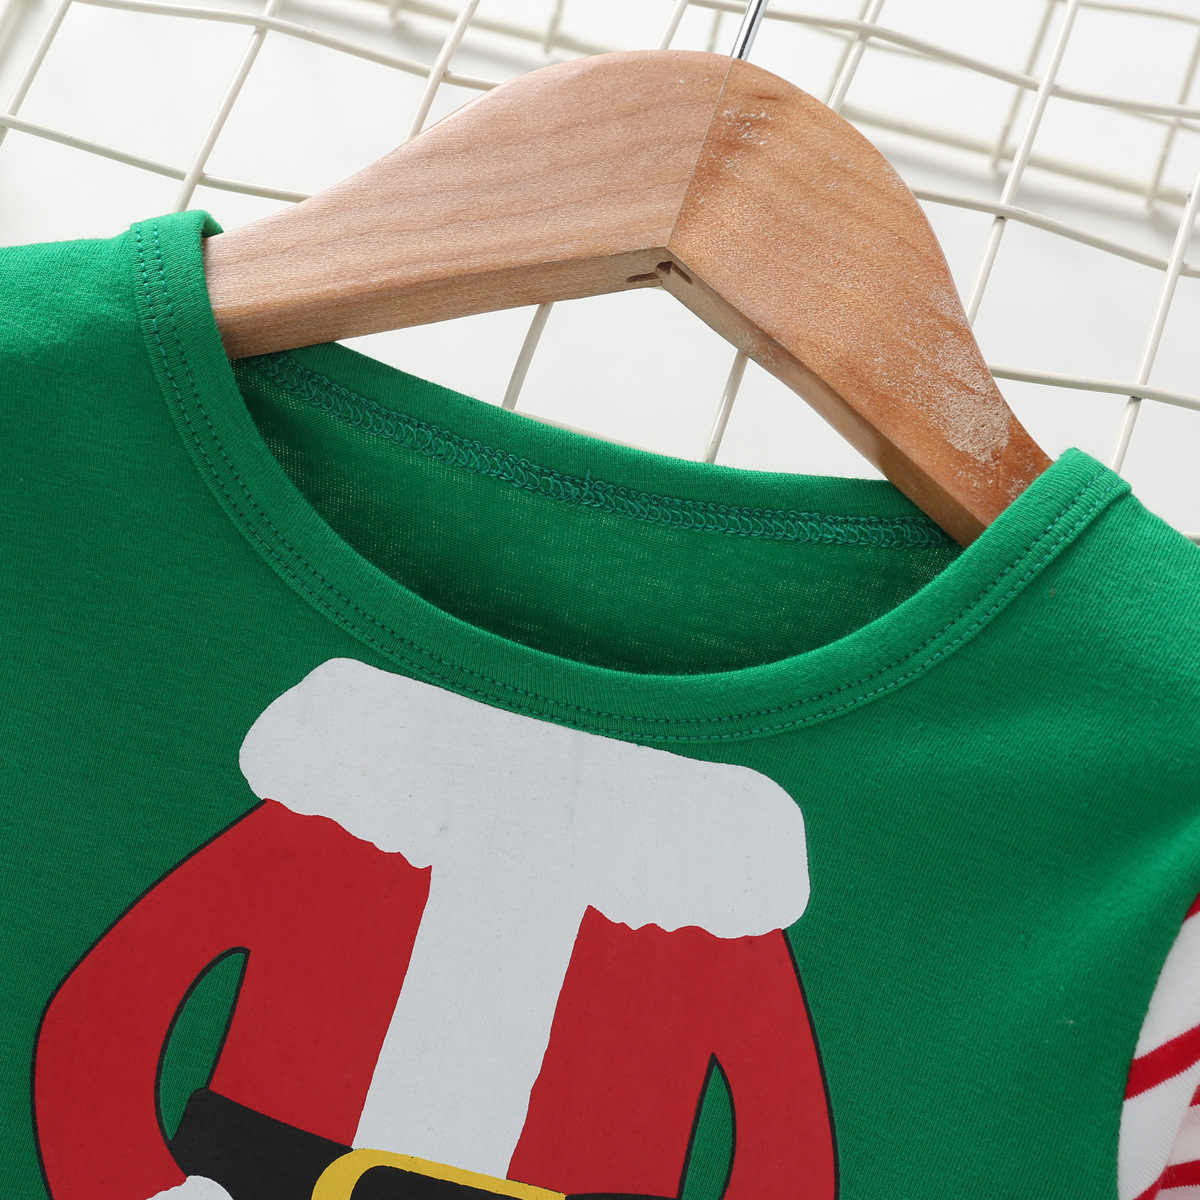 CYSINCOS Giả Tưởng Bé Gái Trang Phục Hóa Trang Halloween Trẻ Em Nhỏ Đỏ Tuyết Trắng Bé Gái Công Chúa Dự Tiệc Giáng Sinh Đầm Vestidos